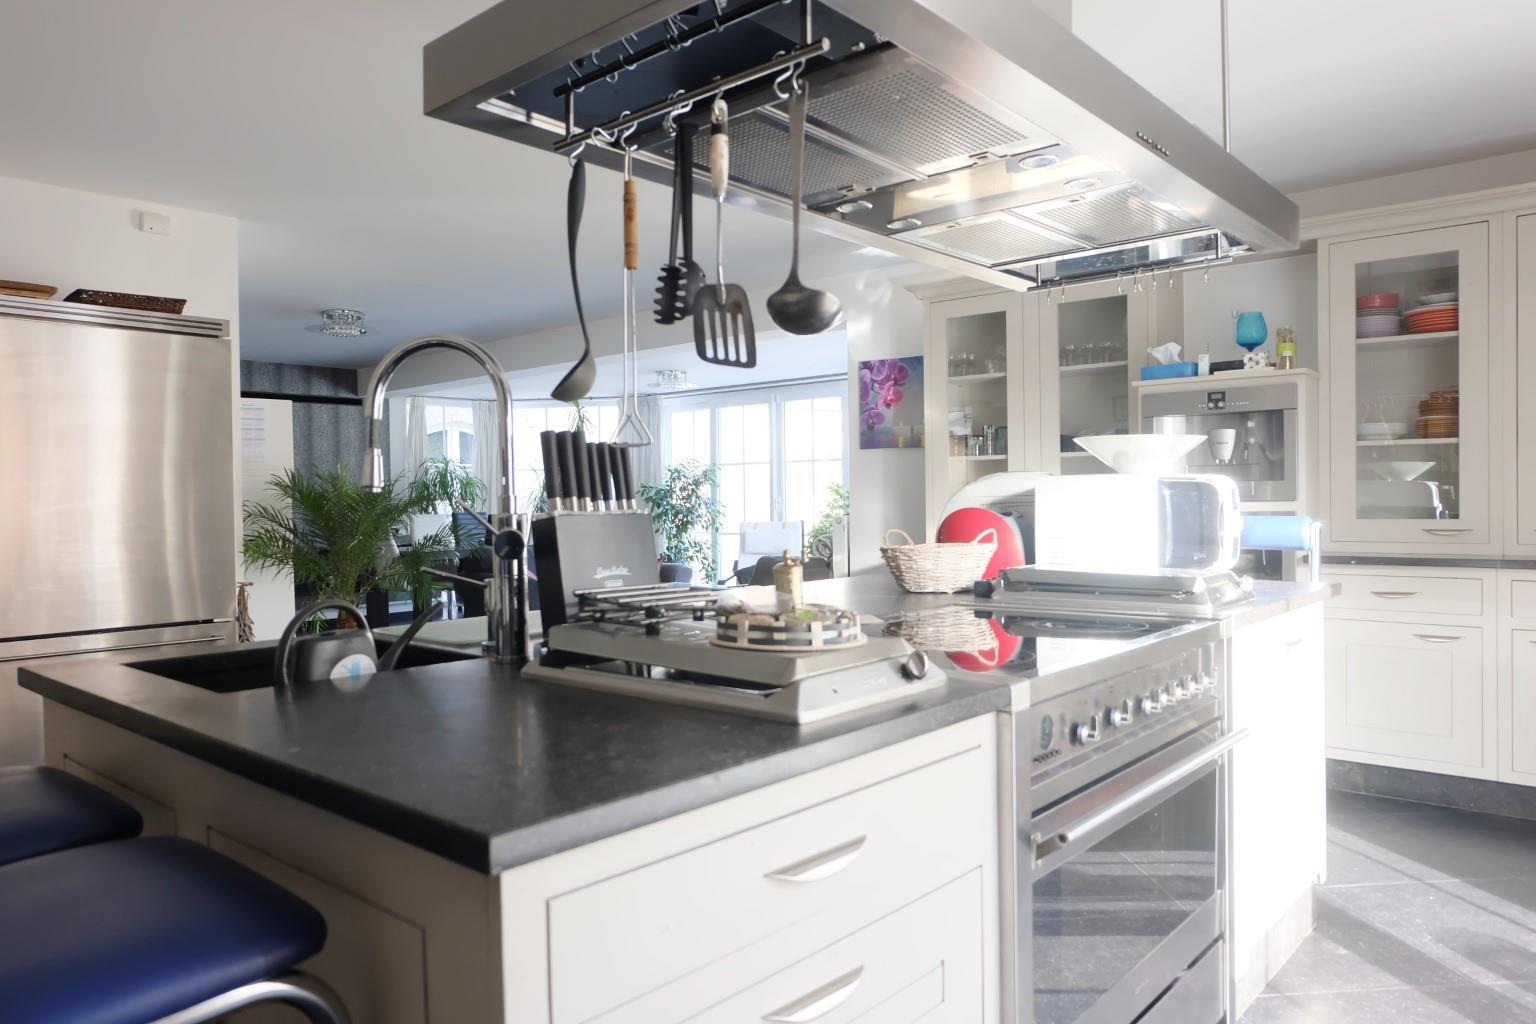 Appartement exceptionnel - Braine-le-Comte Hennuyères - #2181234-6